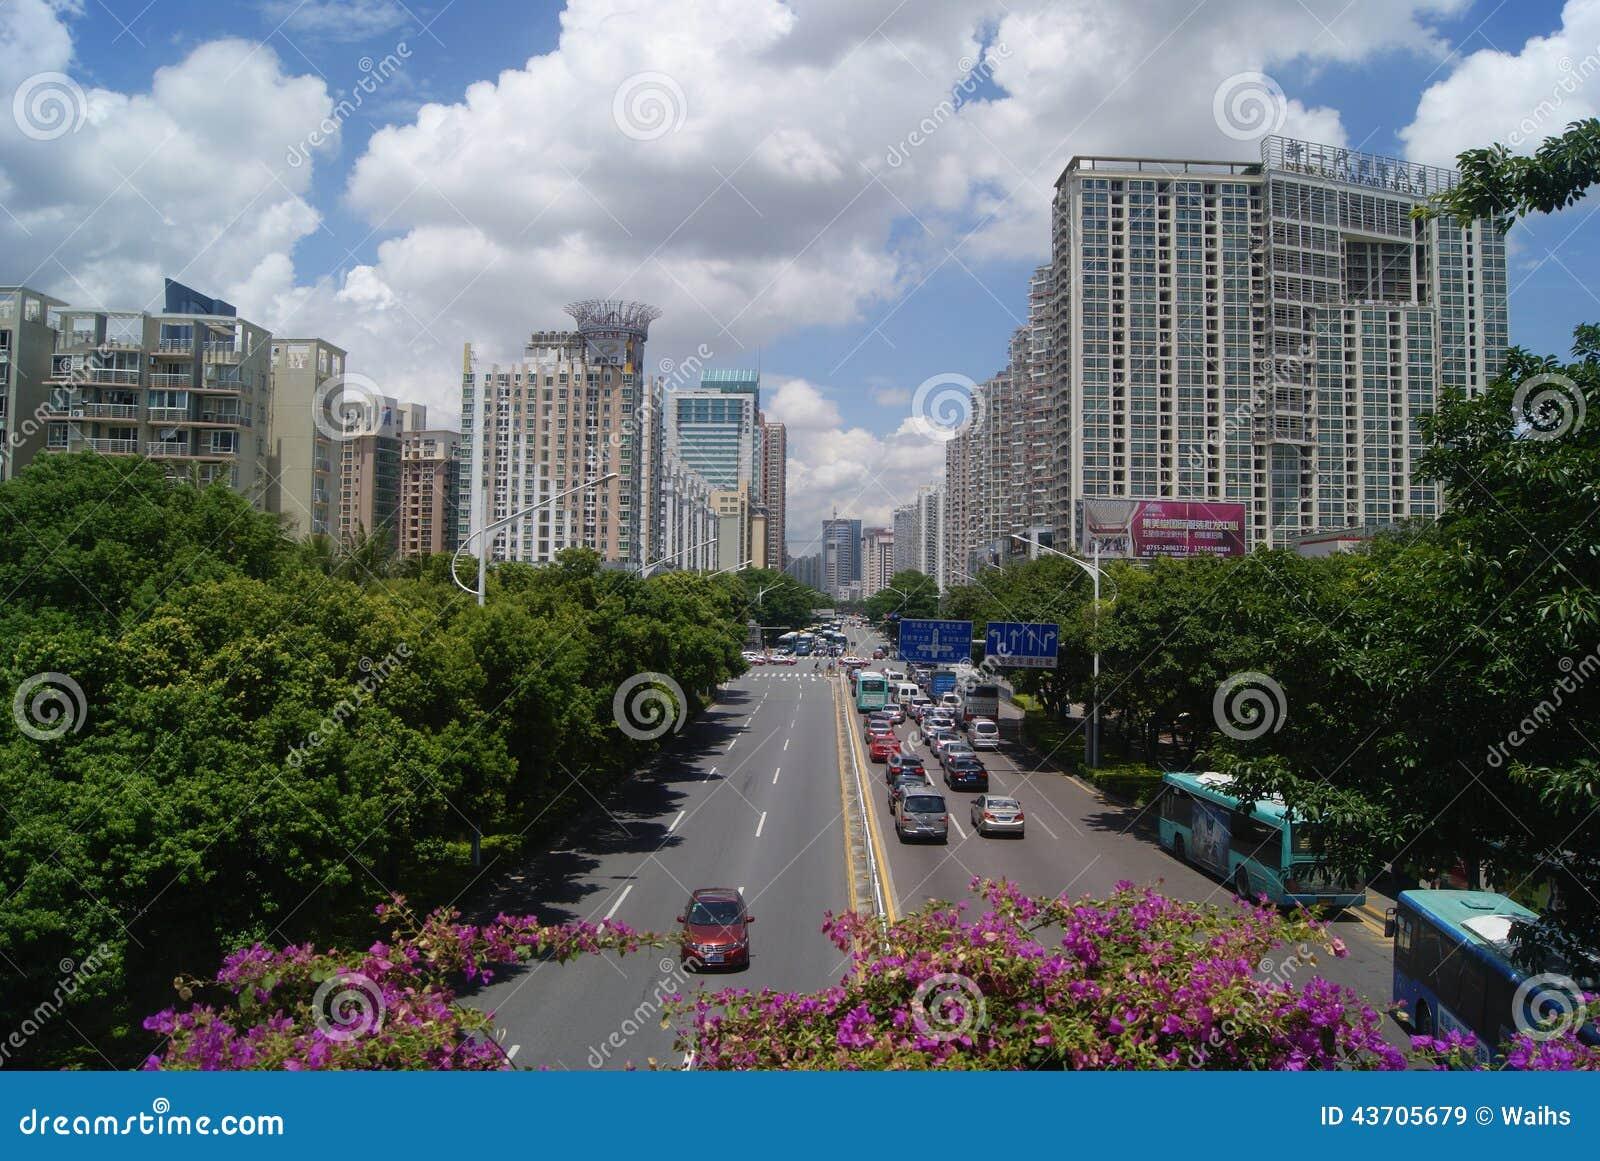 深圳南山区蛇口街道风景 蛇口在深圳是一个著名旅游风景点.图片